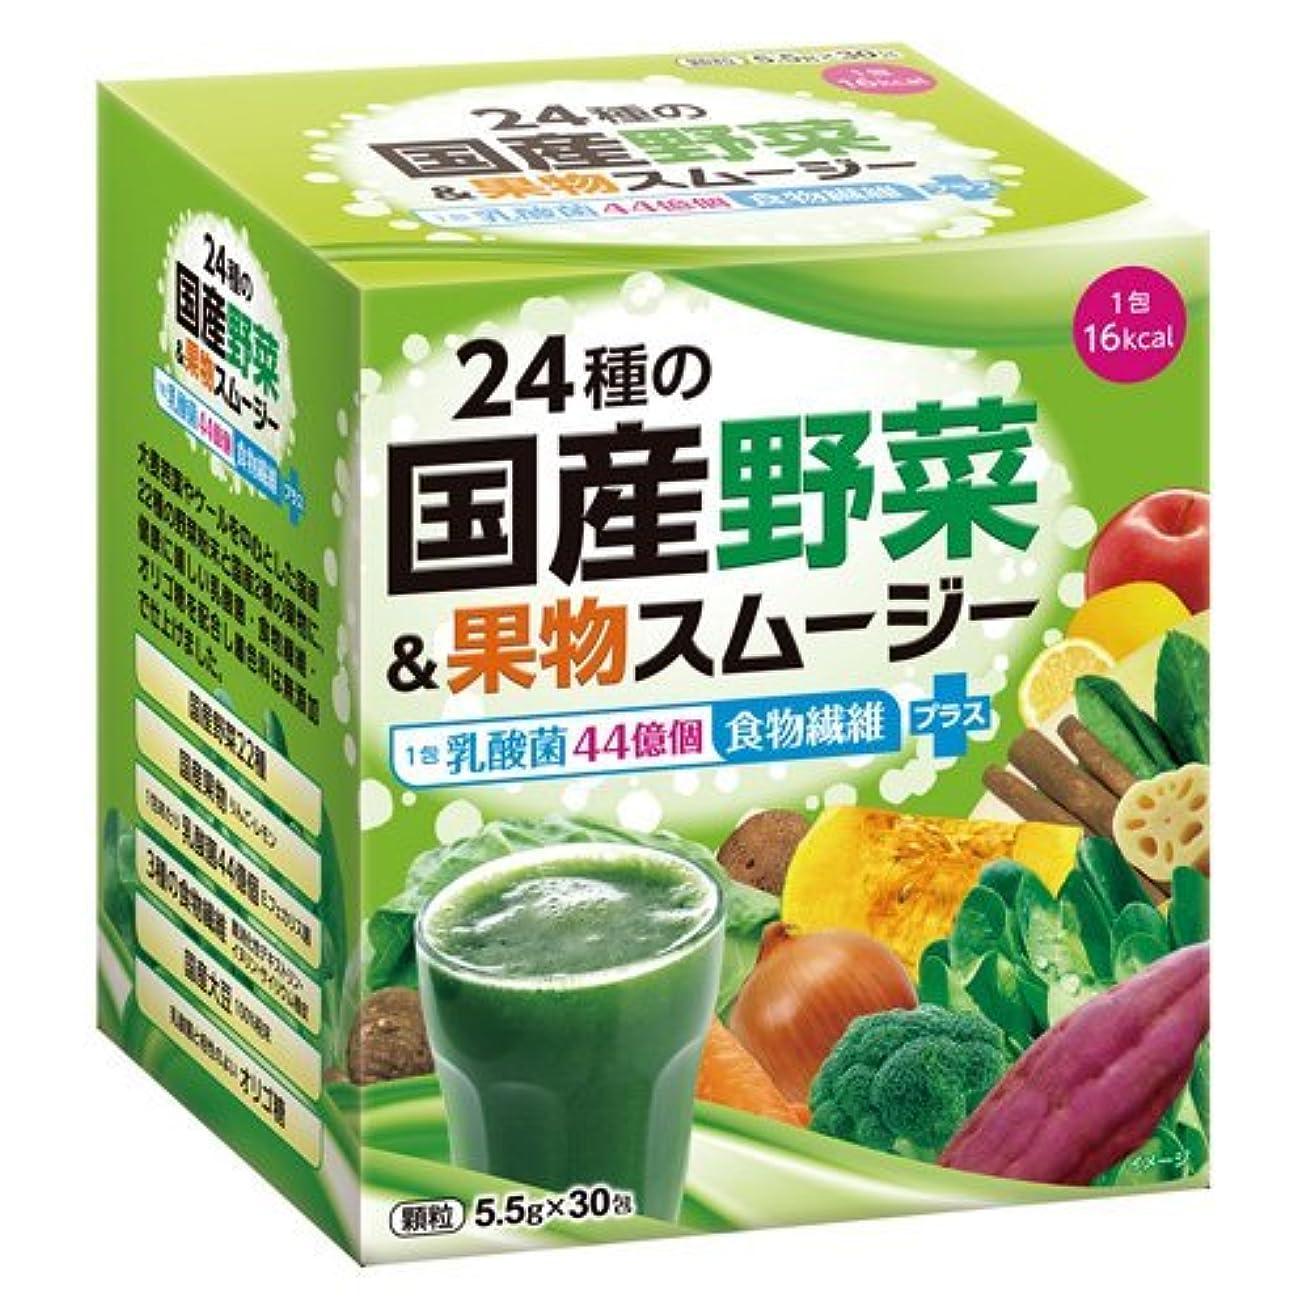 店員隙間疑い者24種の国産野菜&果物スムージー 165g(5.5g×30包)